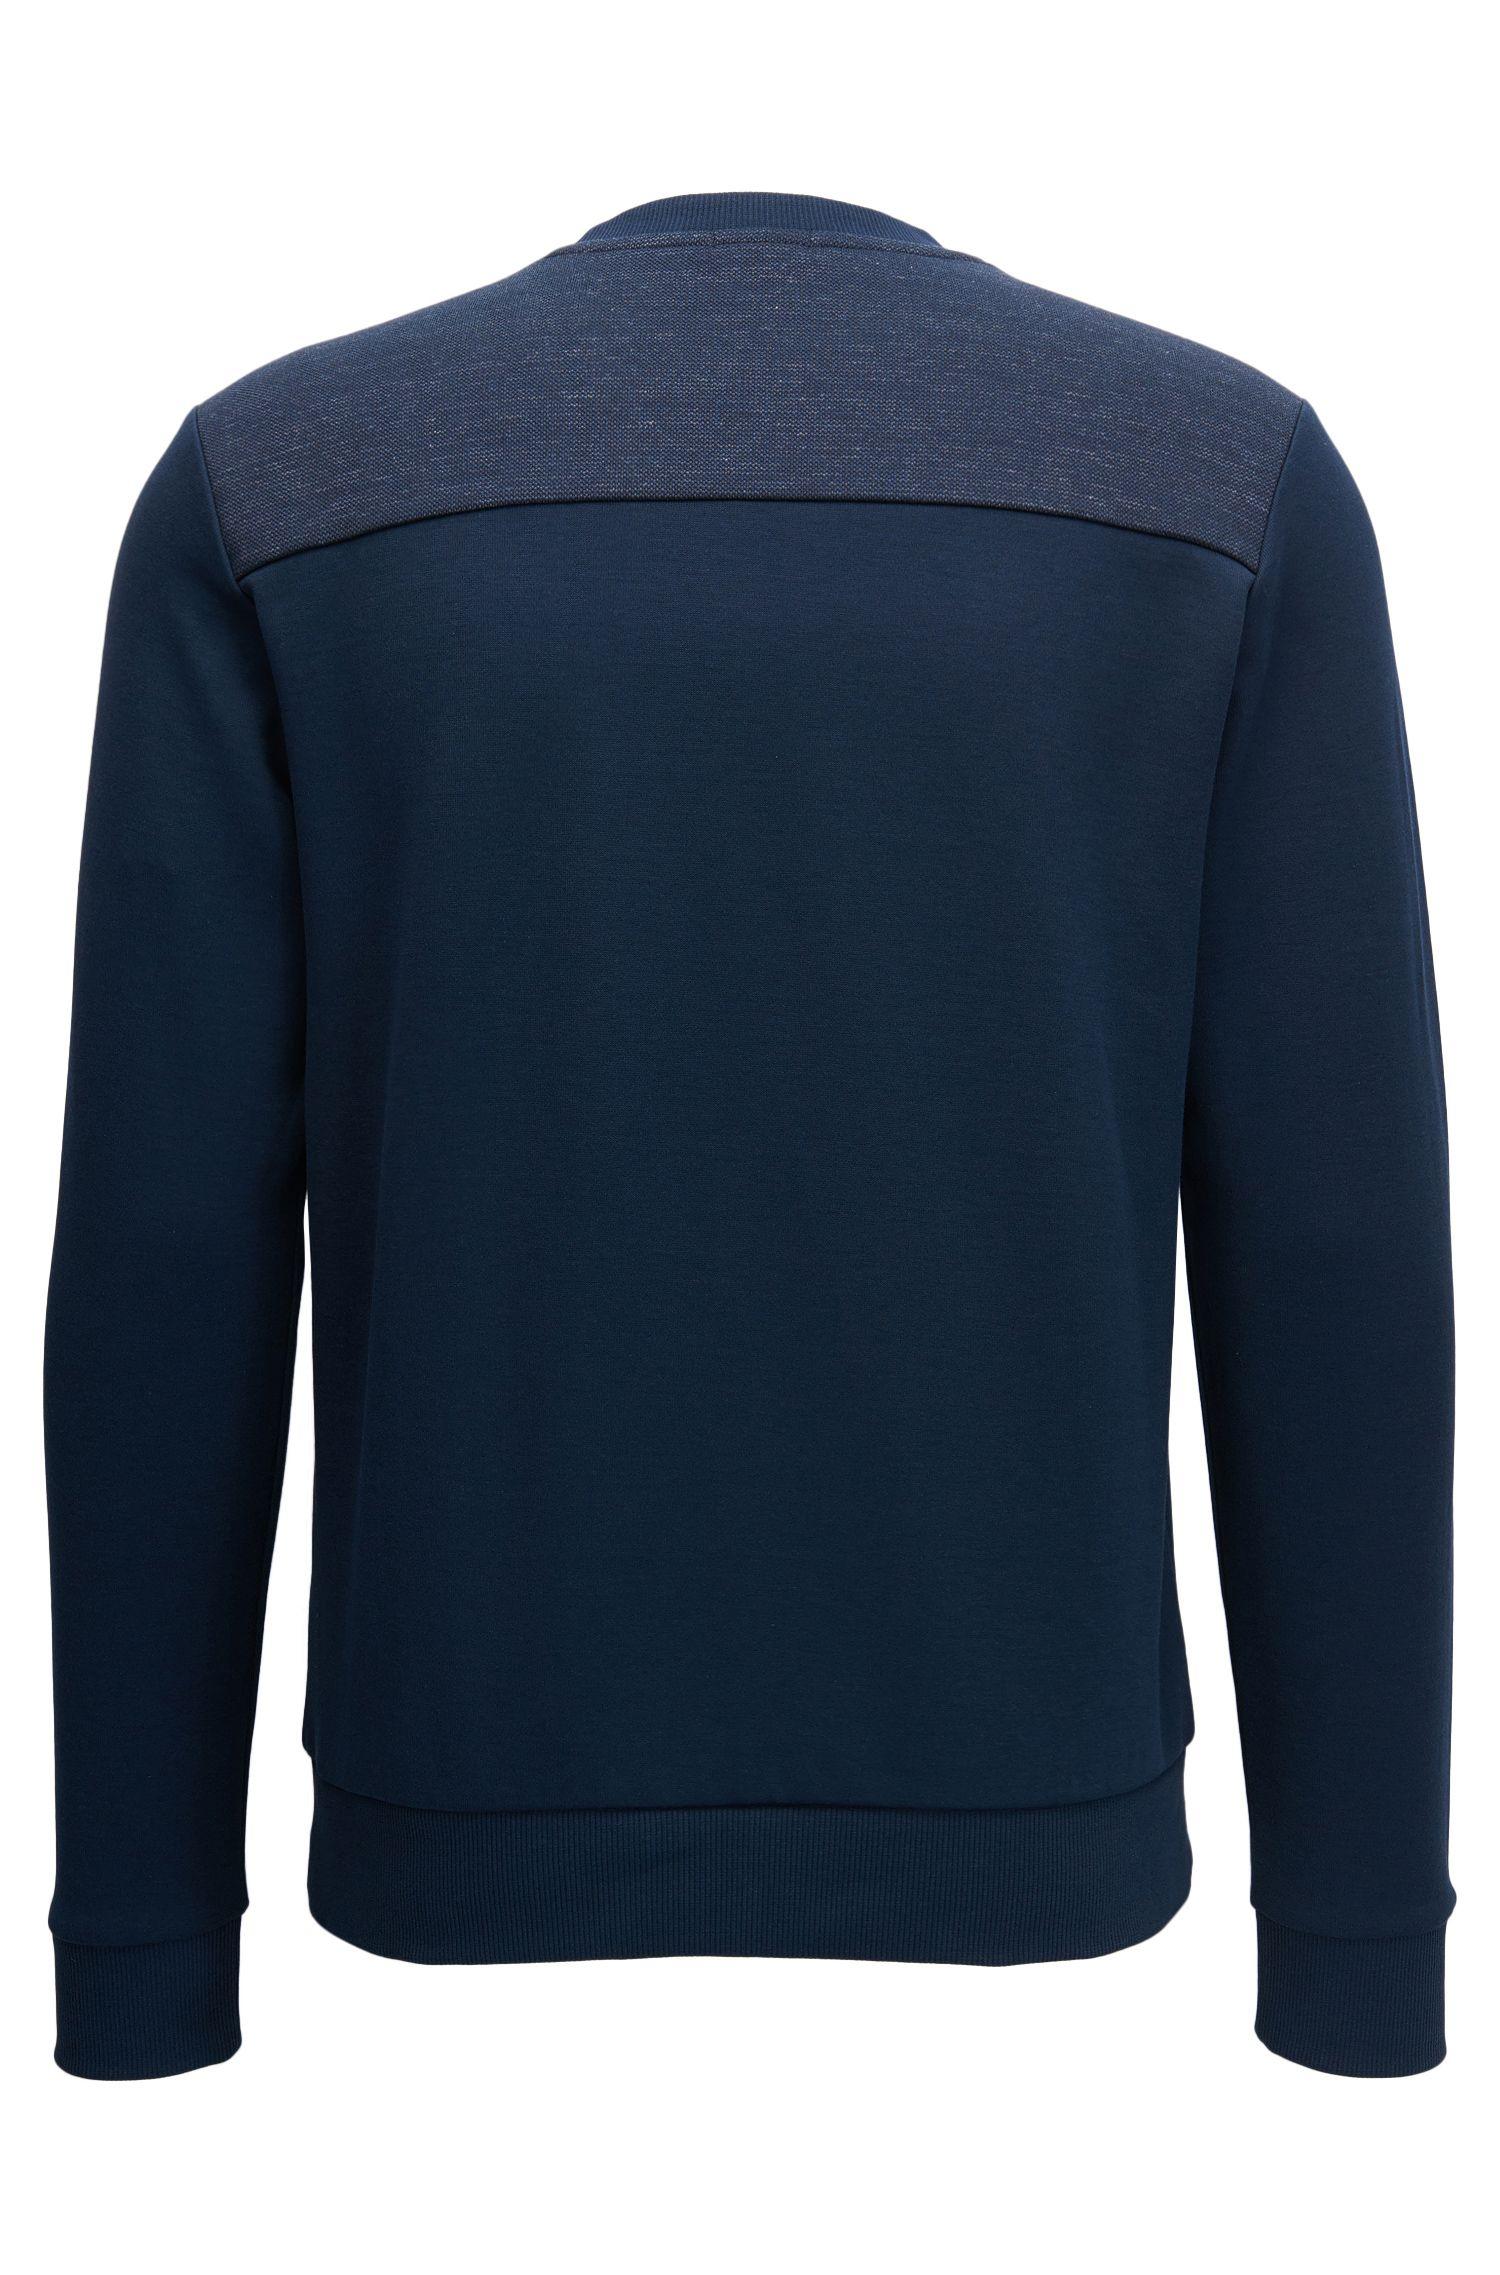 Jersey de mezcla de algodón con logo a dos tonos